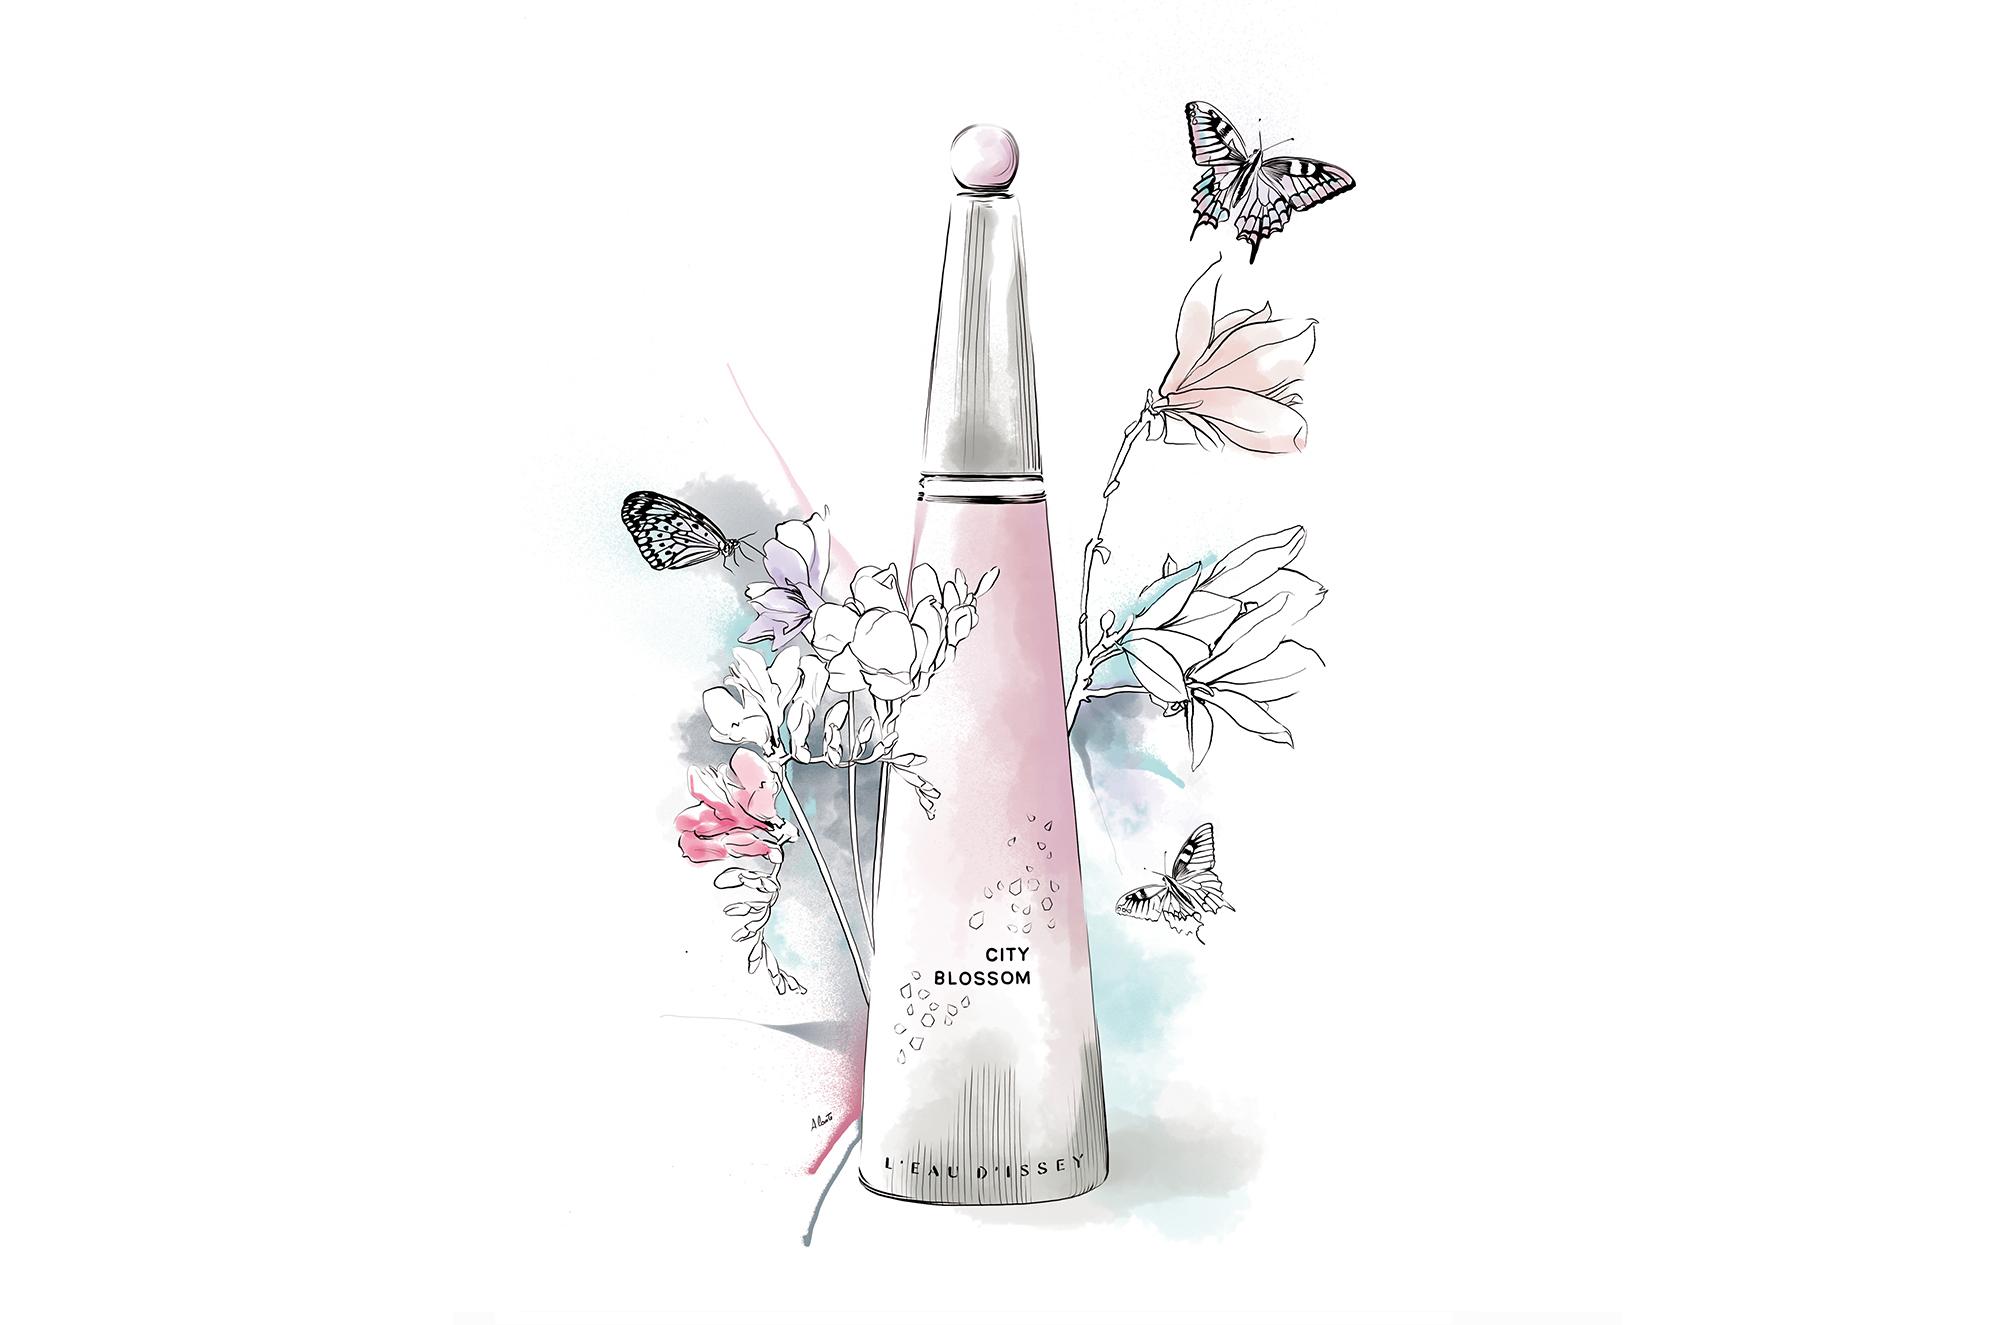 dessin_parfum_city_blossom